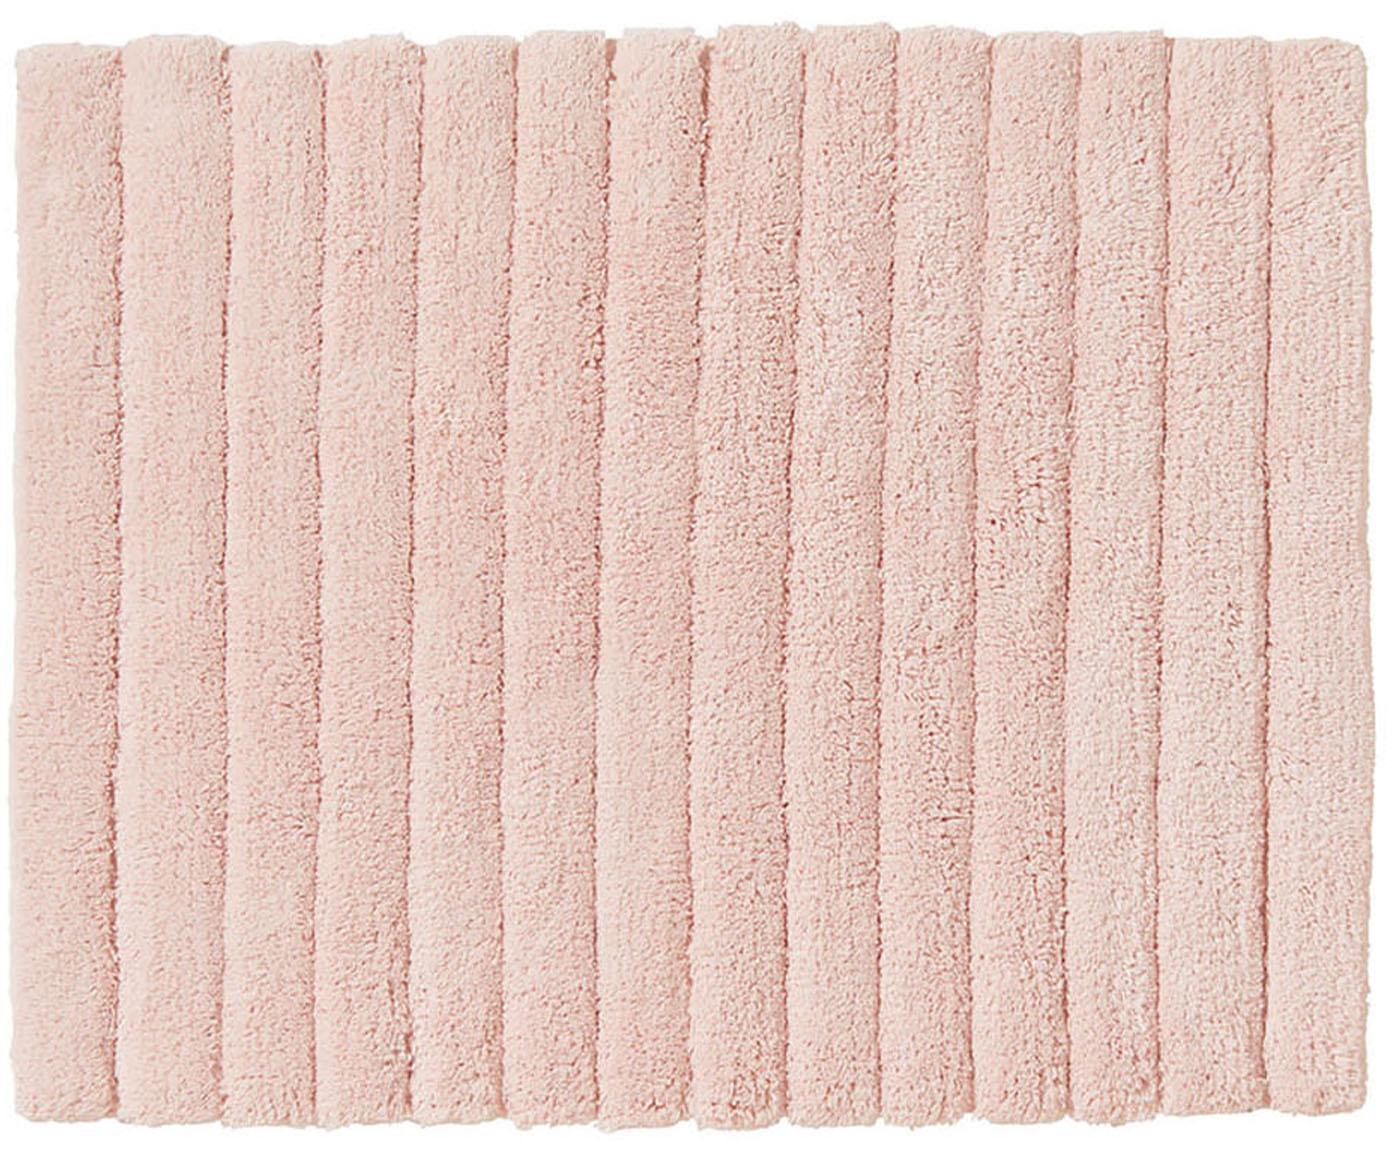 Dywanik łazienkowy Board, Bawełna, wysokagramatura, 1900g/m², Różowy, S 50 x D 60 cm